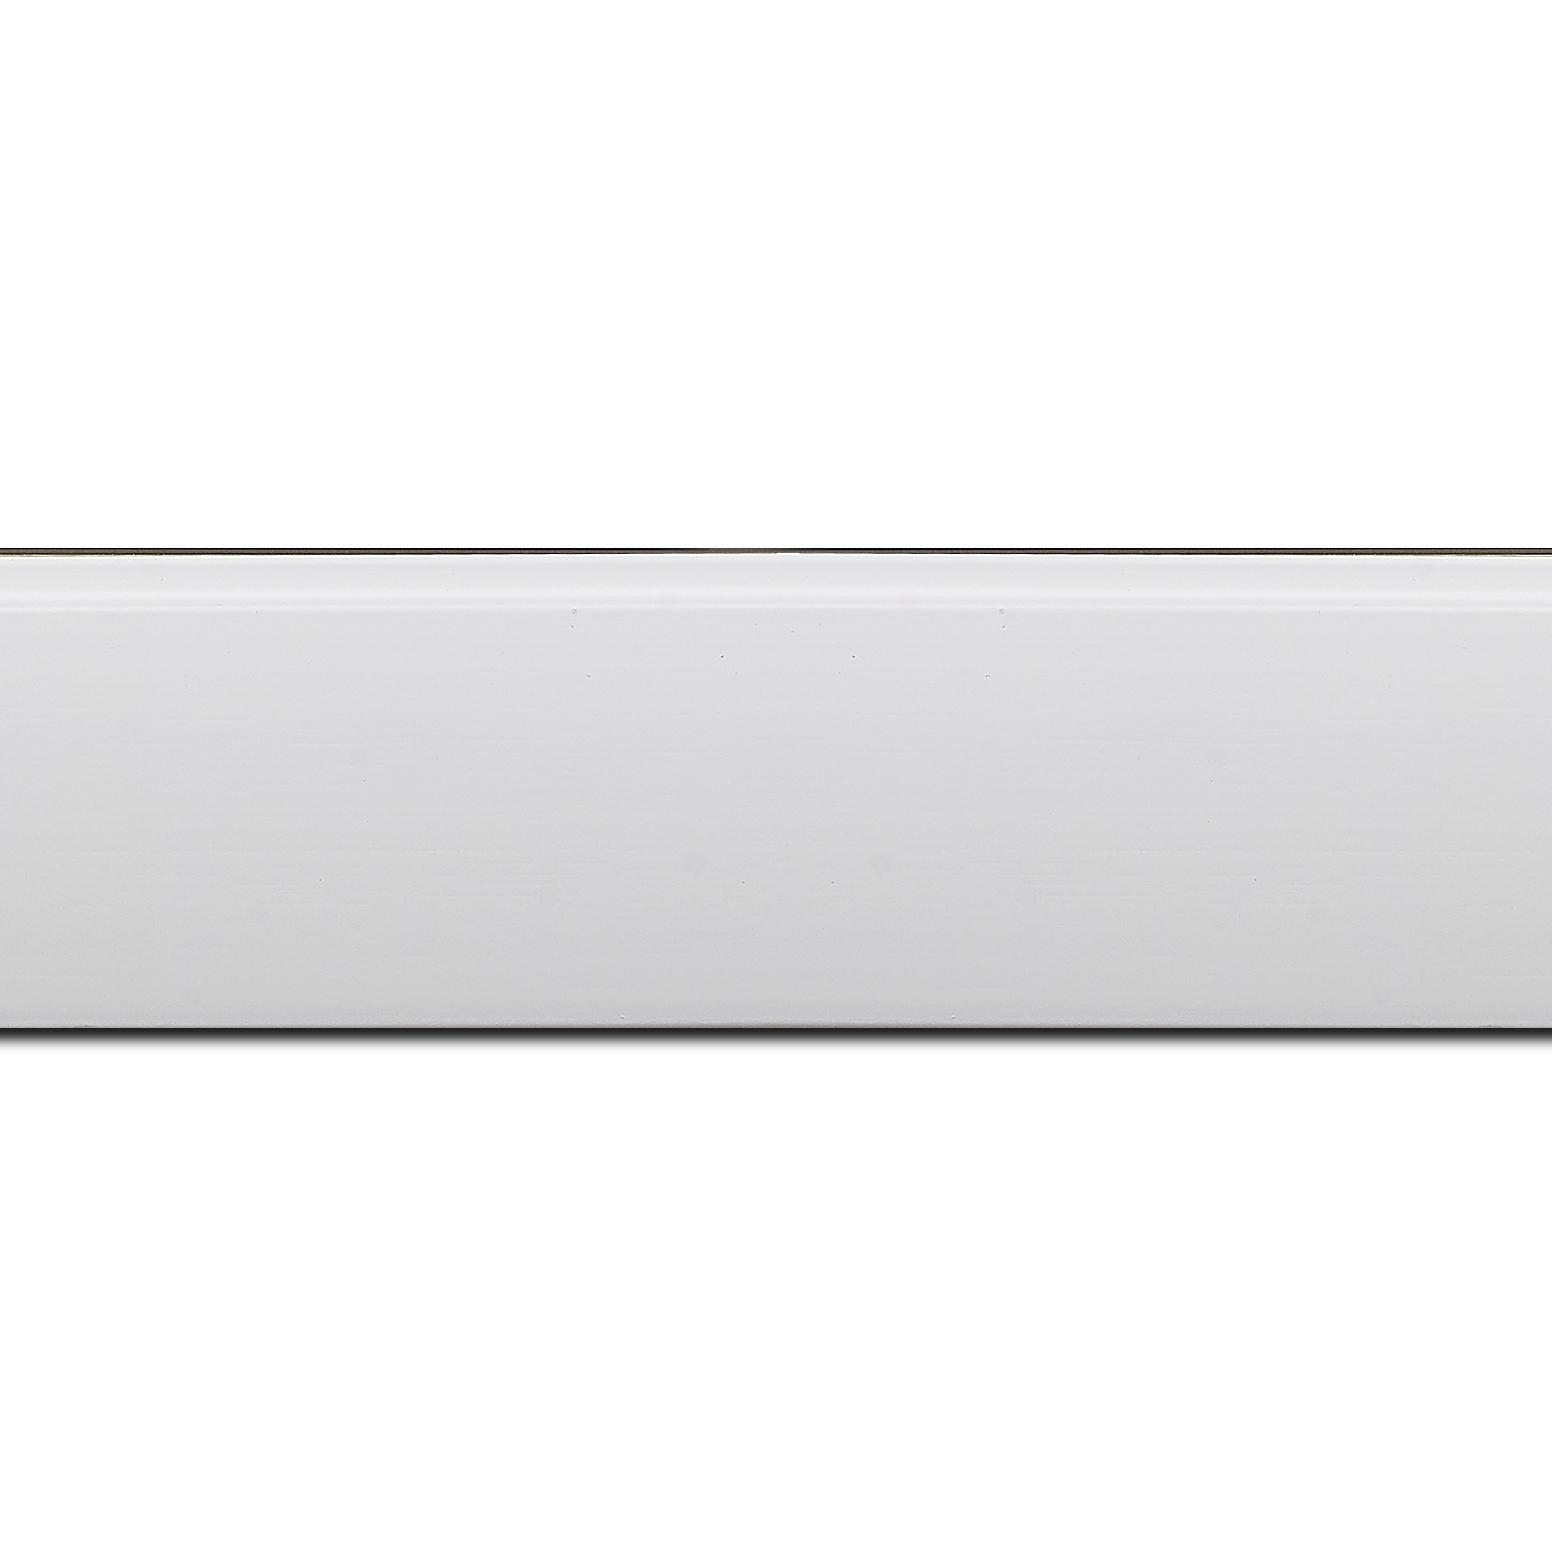 Baguette longueur 1.40m bois profil en pente méplat largeur 4.8cm couleur  blanc mat surligné par une gorge extérieure blanche : originalité et élégance assurée